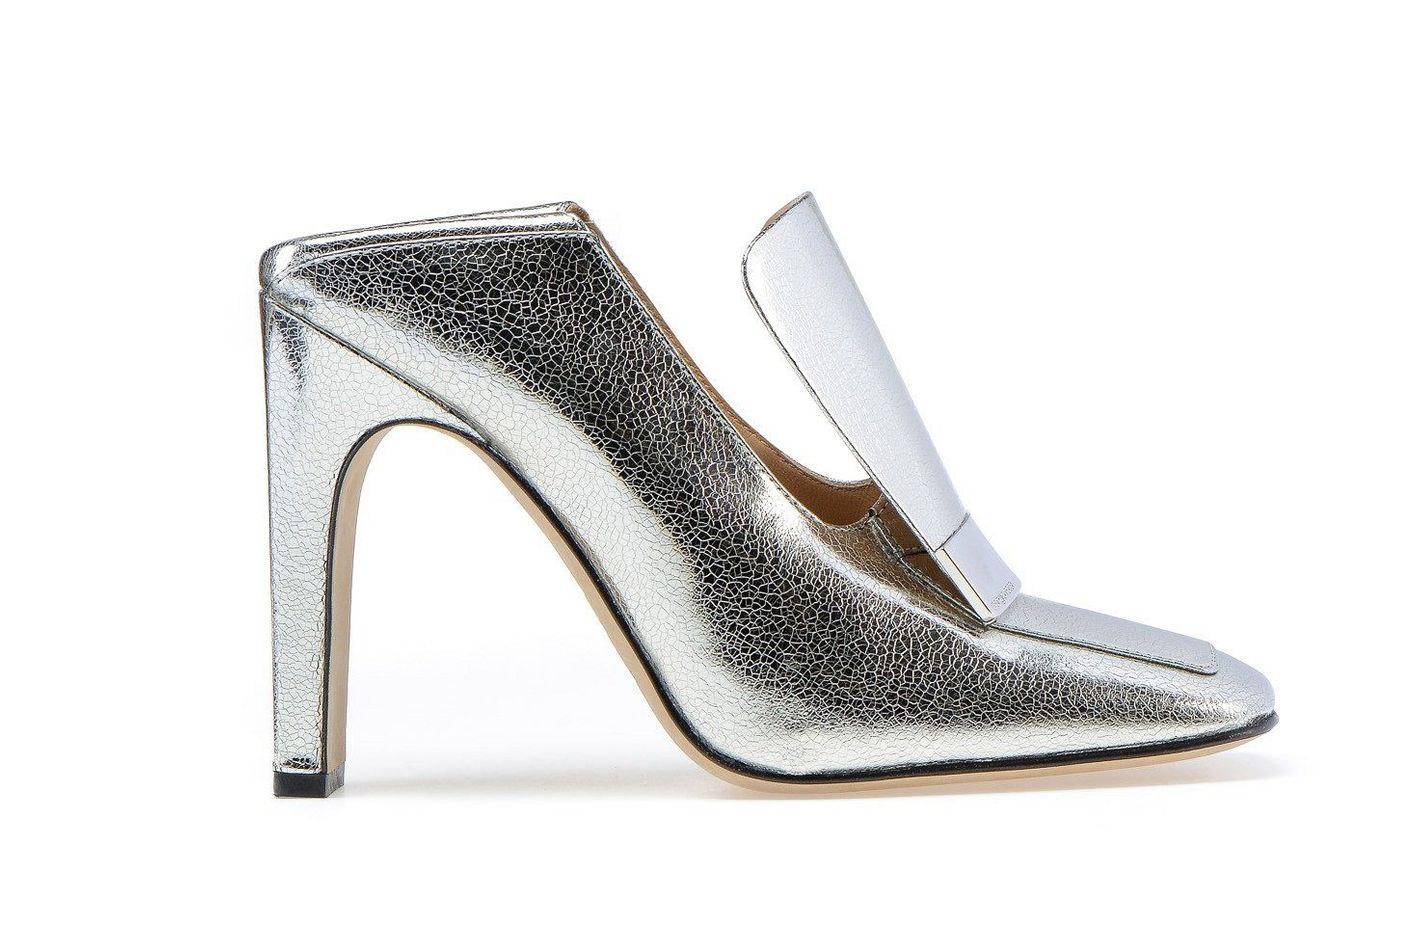 Sergio Rossi sr1 heels